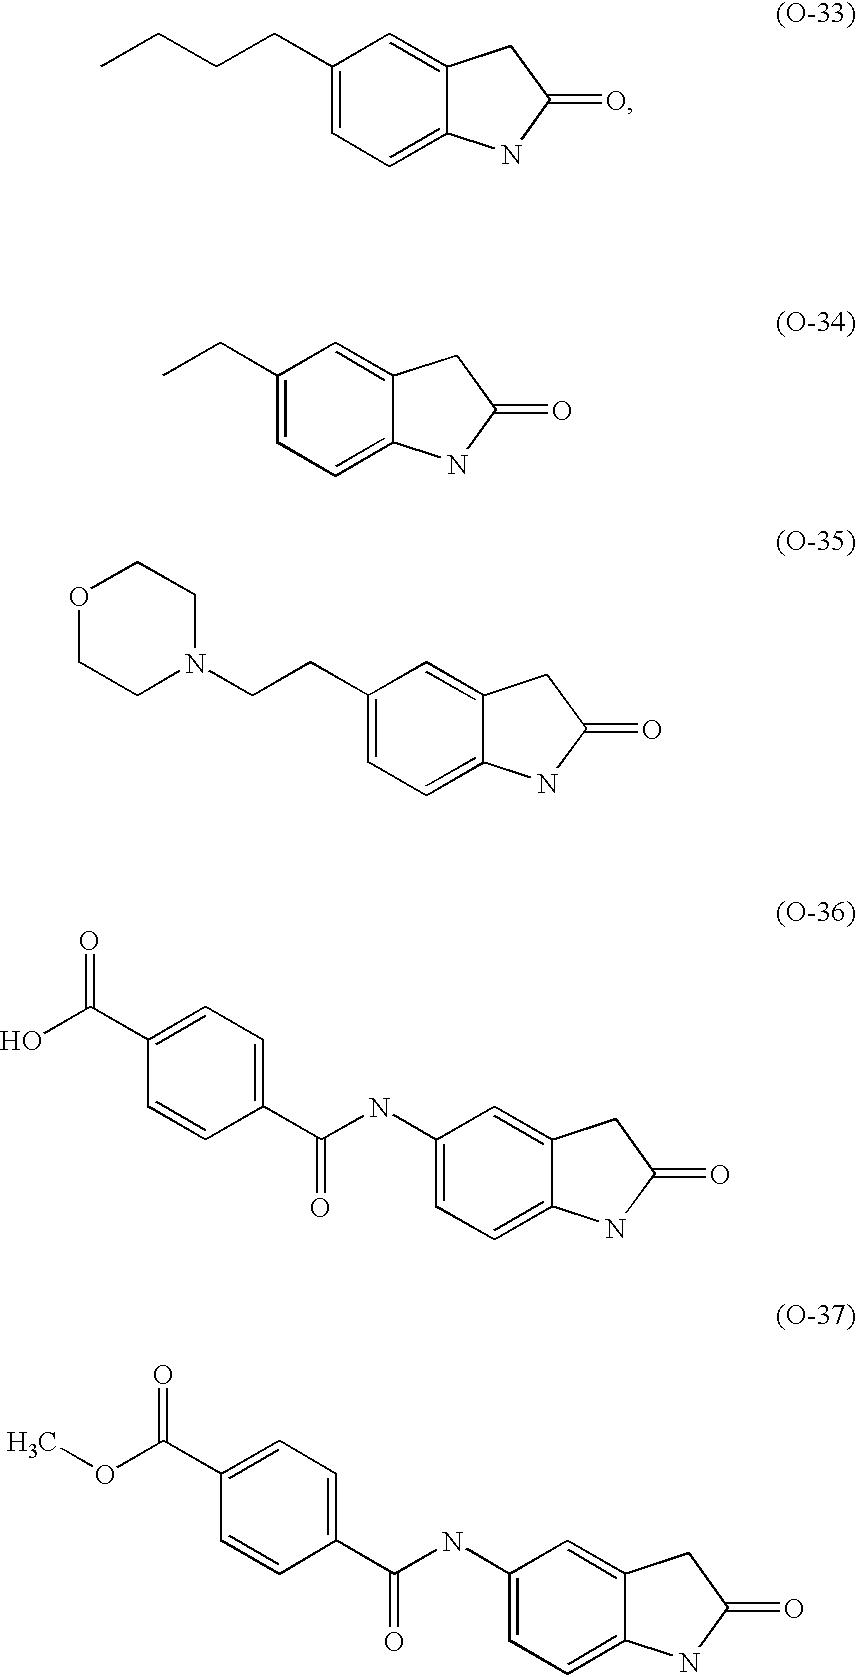 Figure US20030203901A1-20031030-C00009